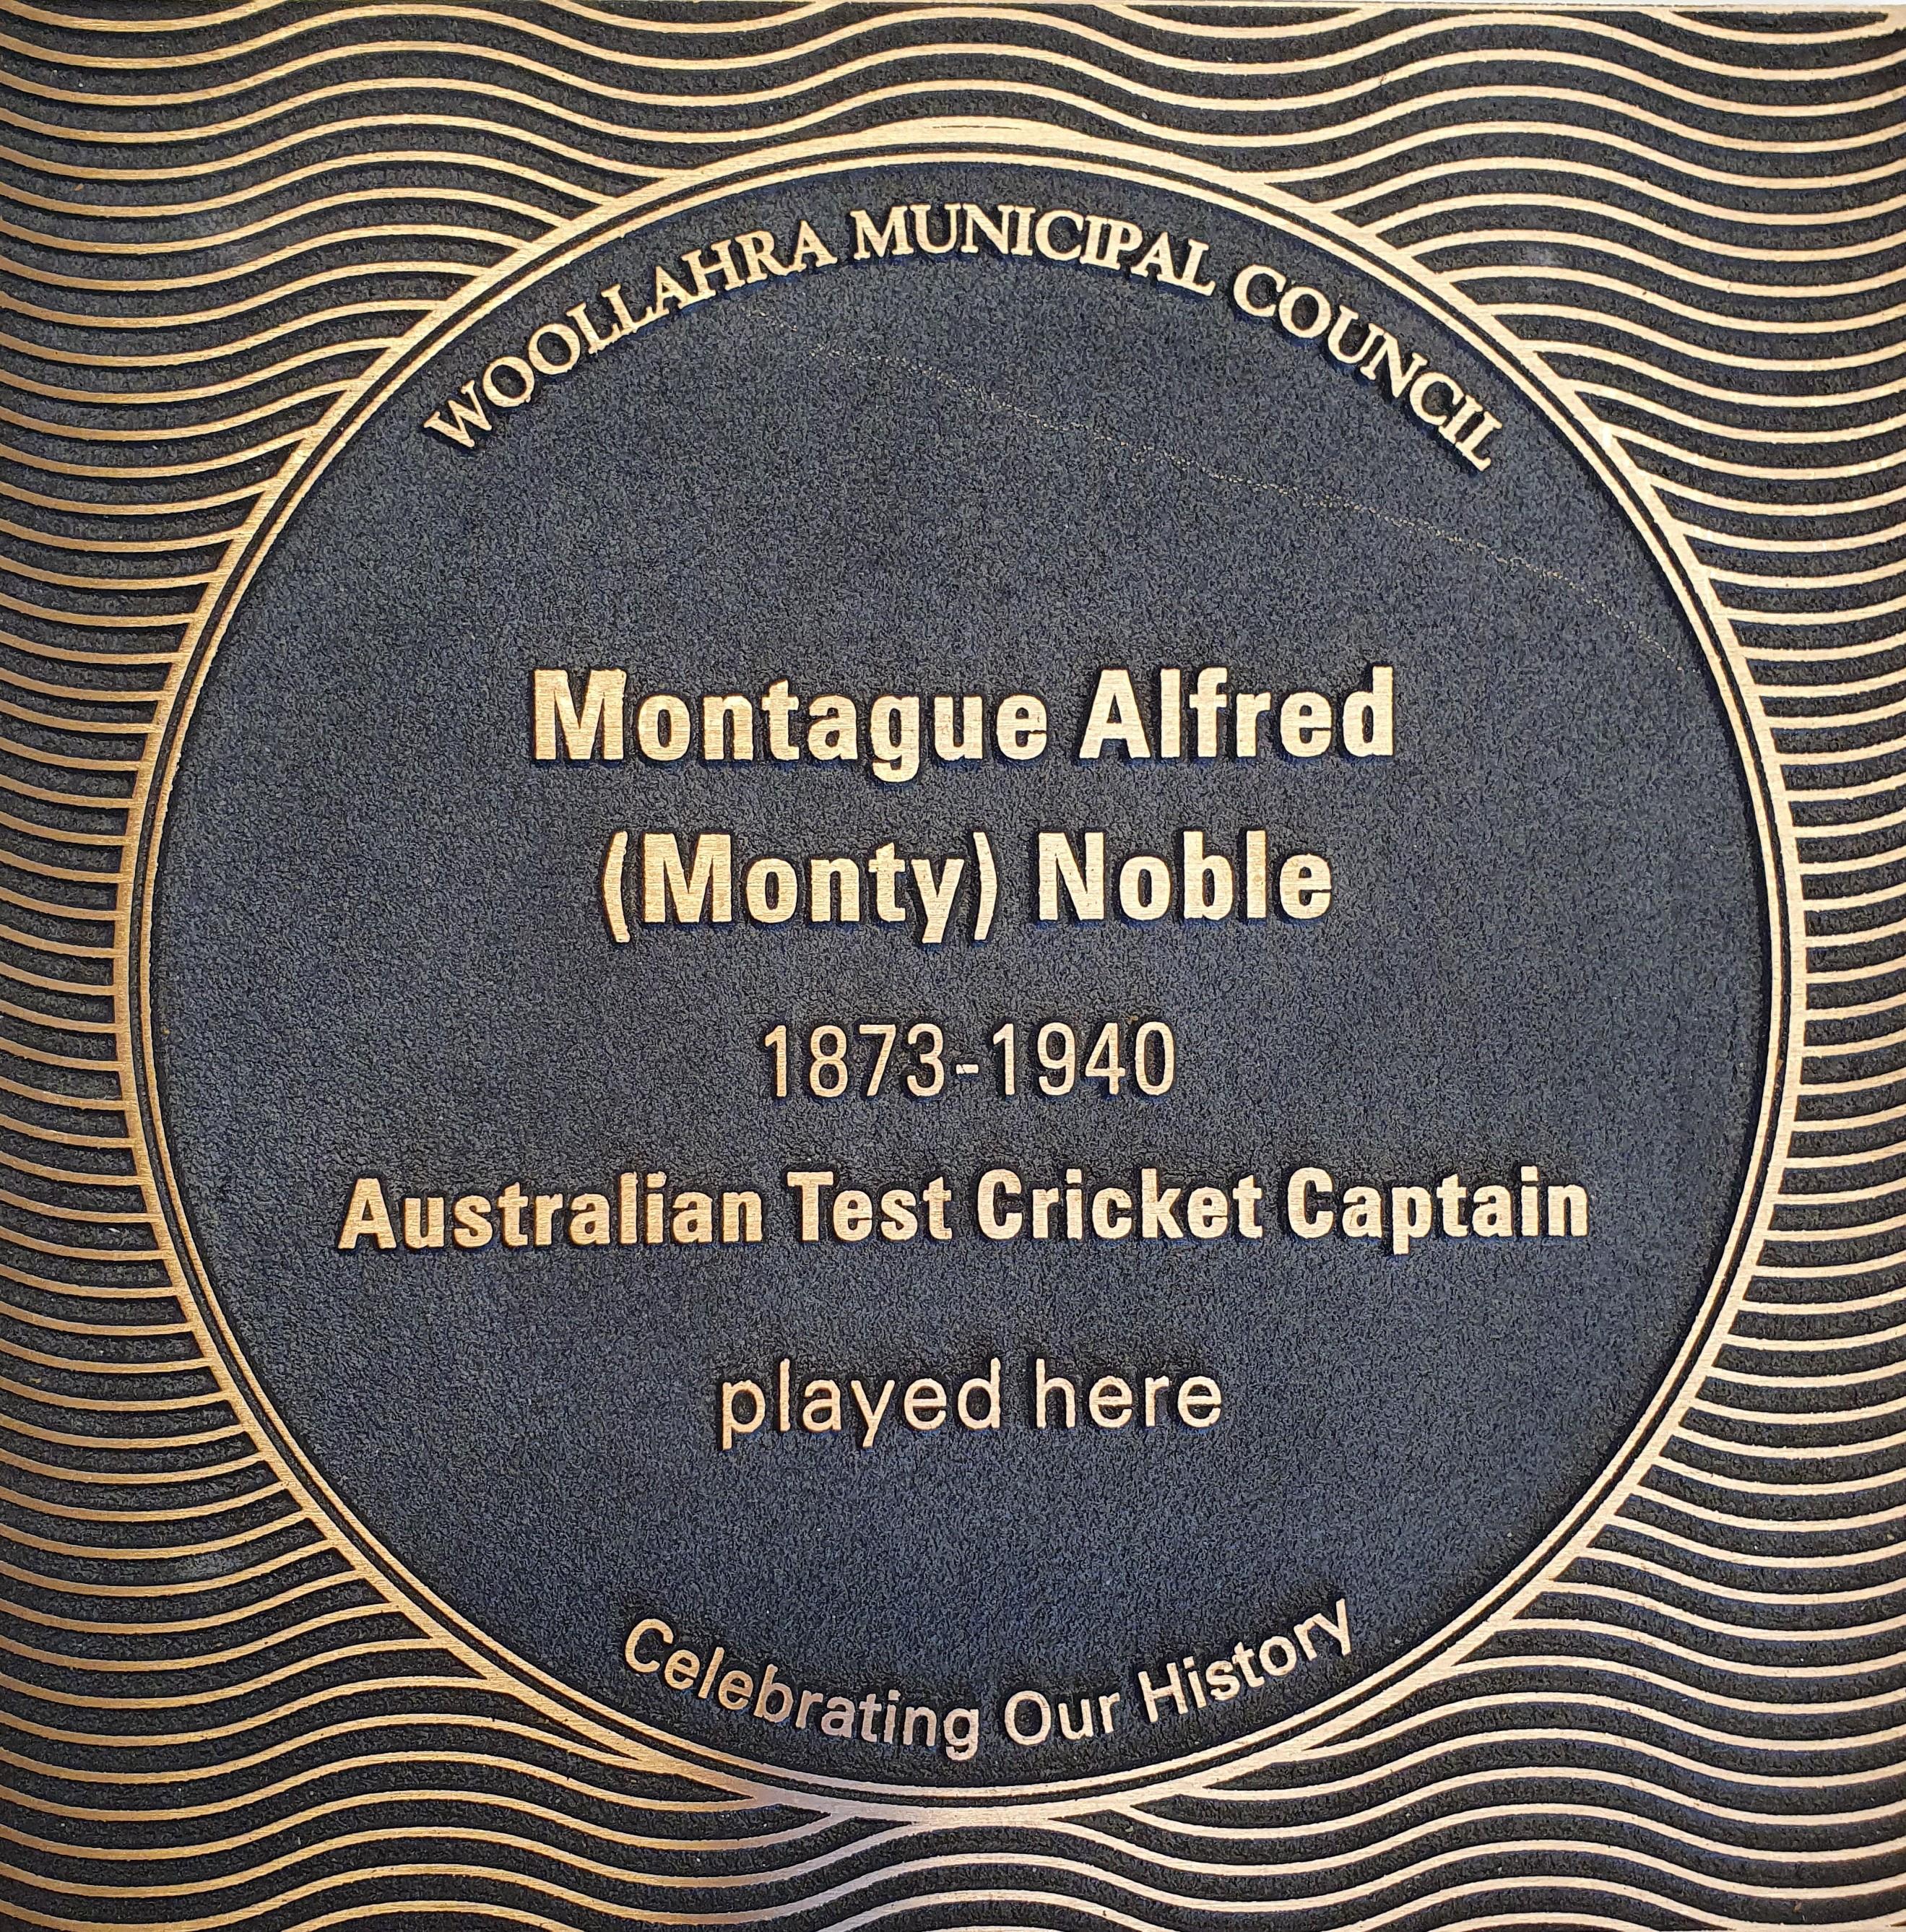 Montague Alfred (Monty) Noble plaque